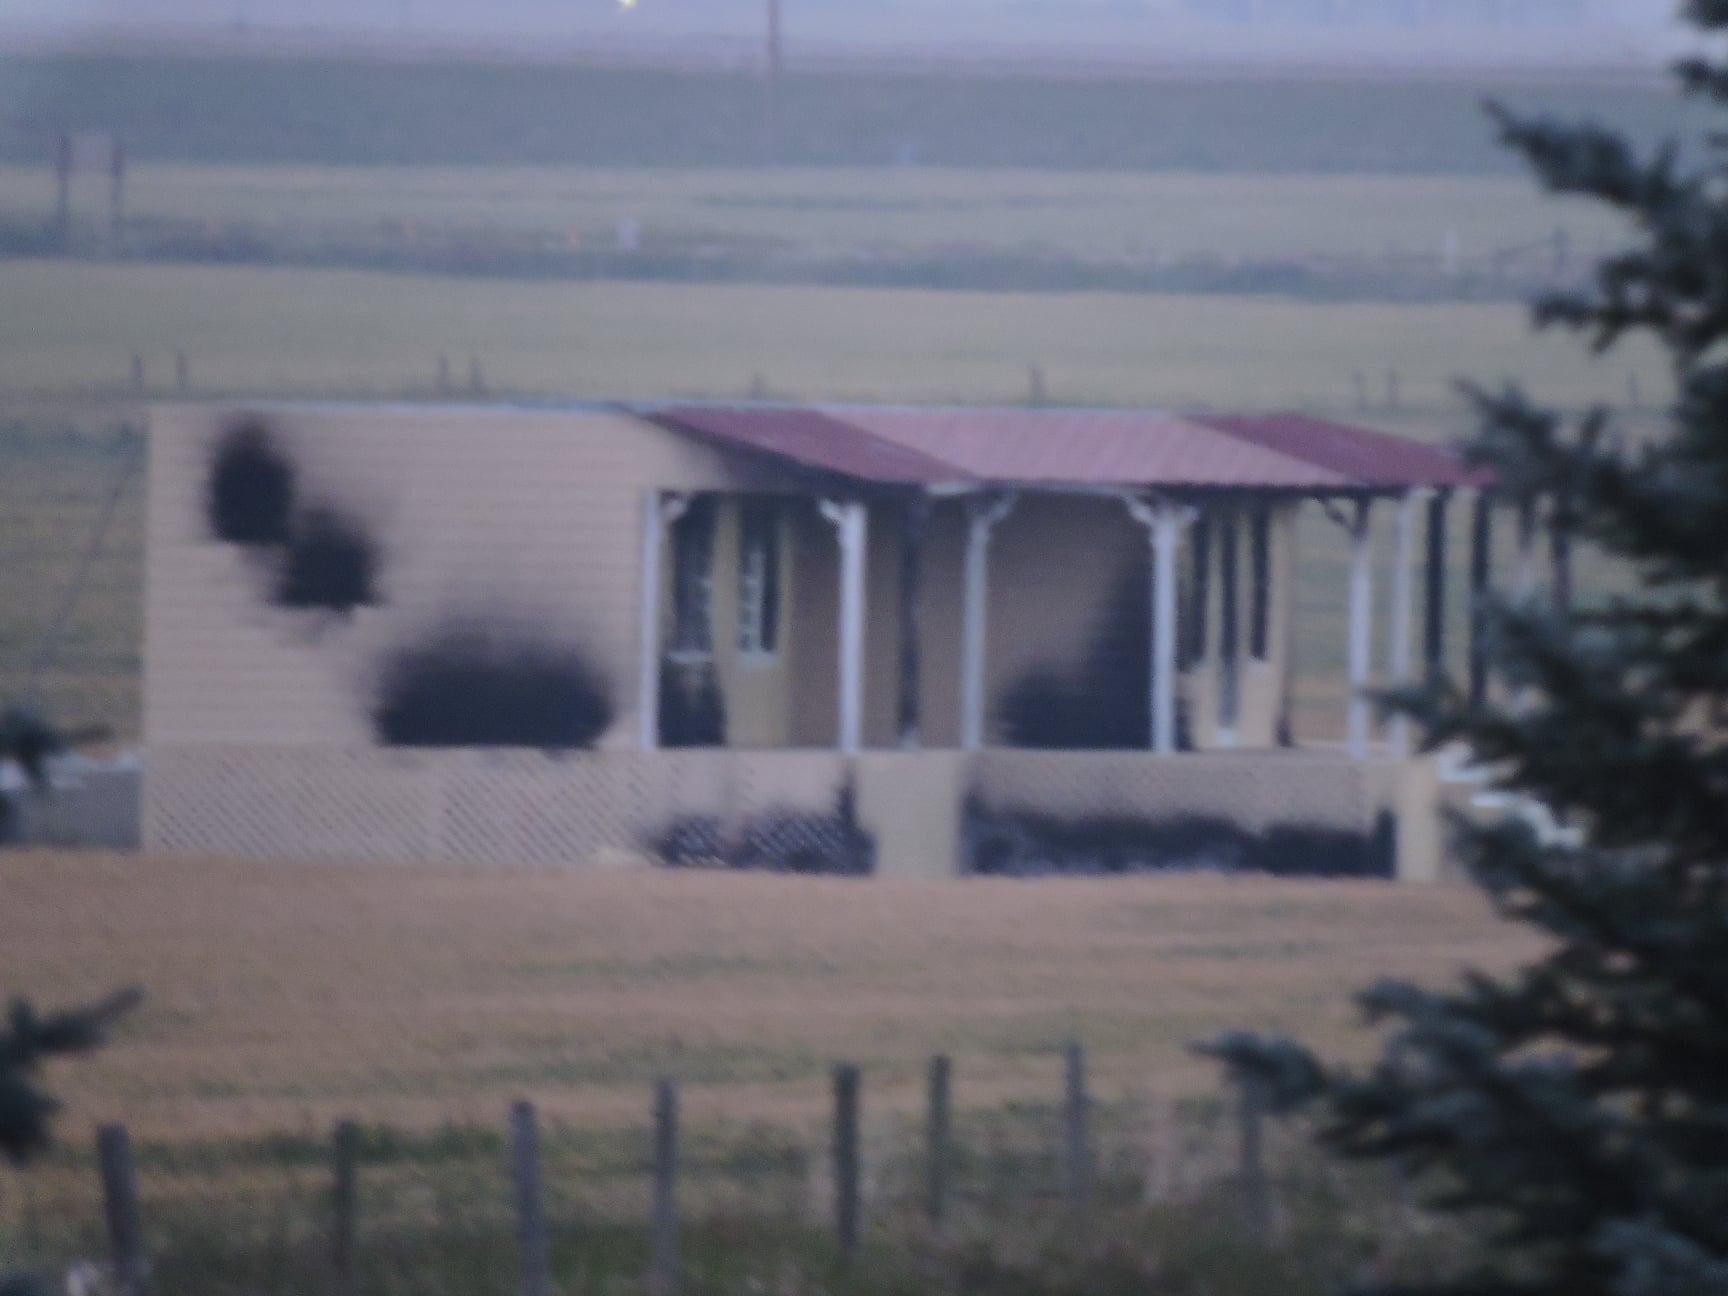 Згорілий будинок, як у пролозі гри / фото twitter.com/HBOsTheLastofUs